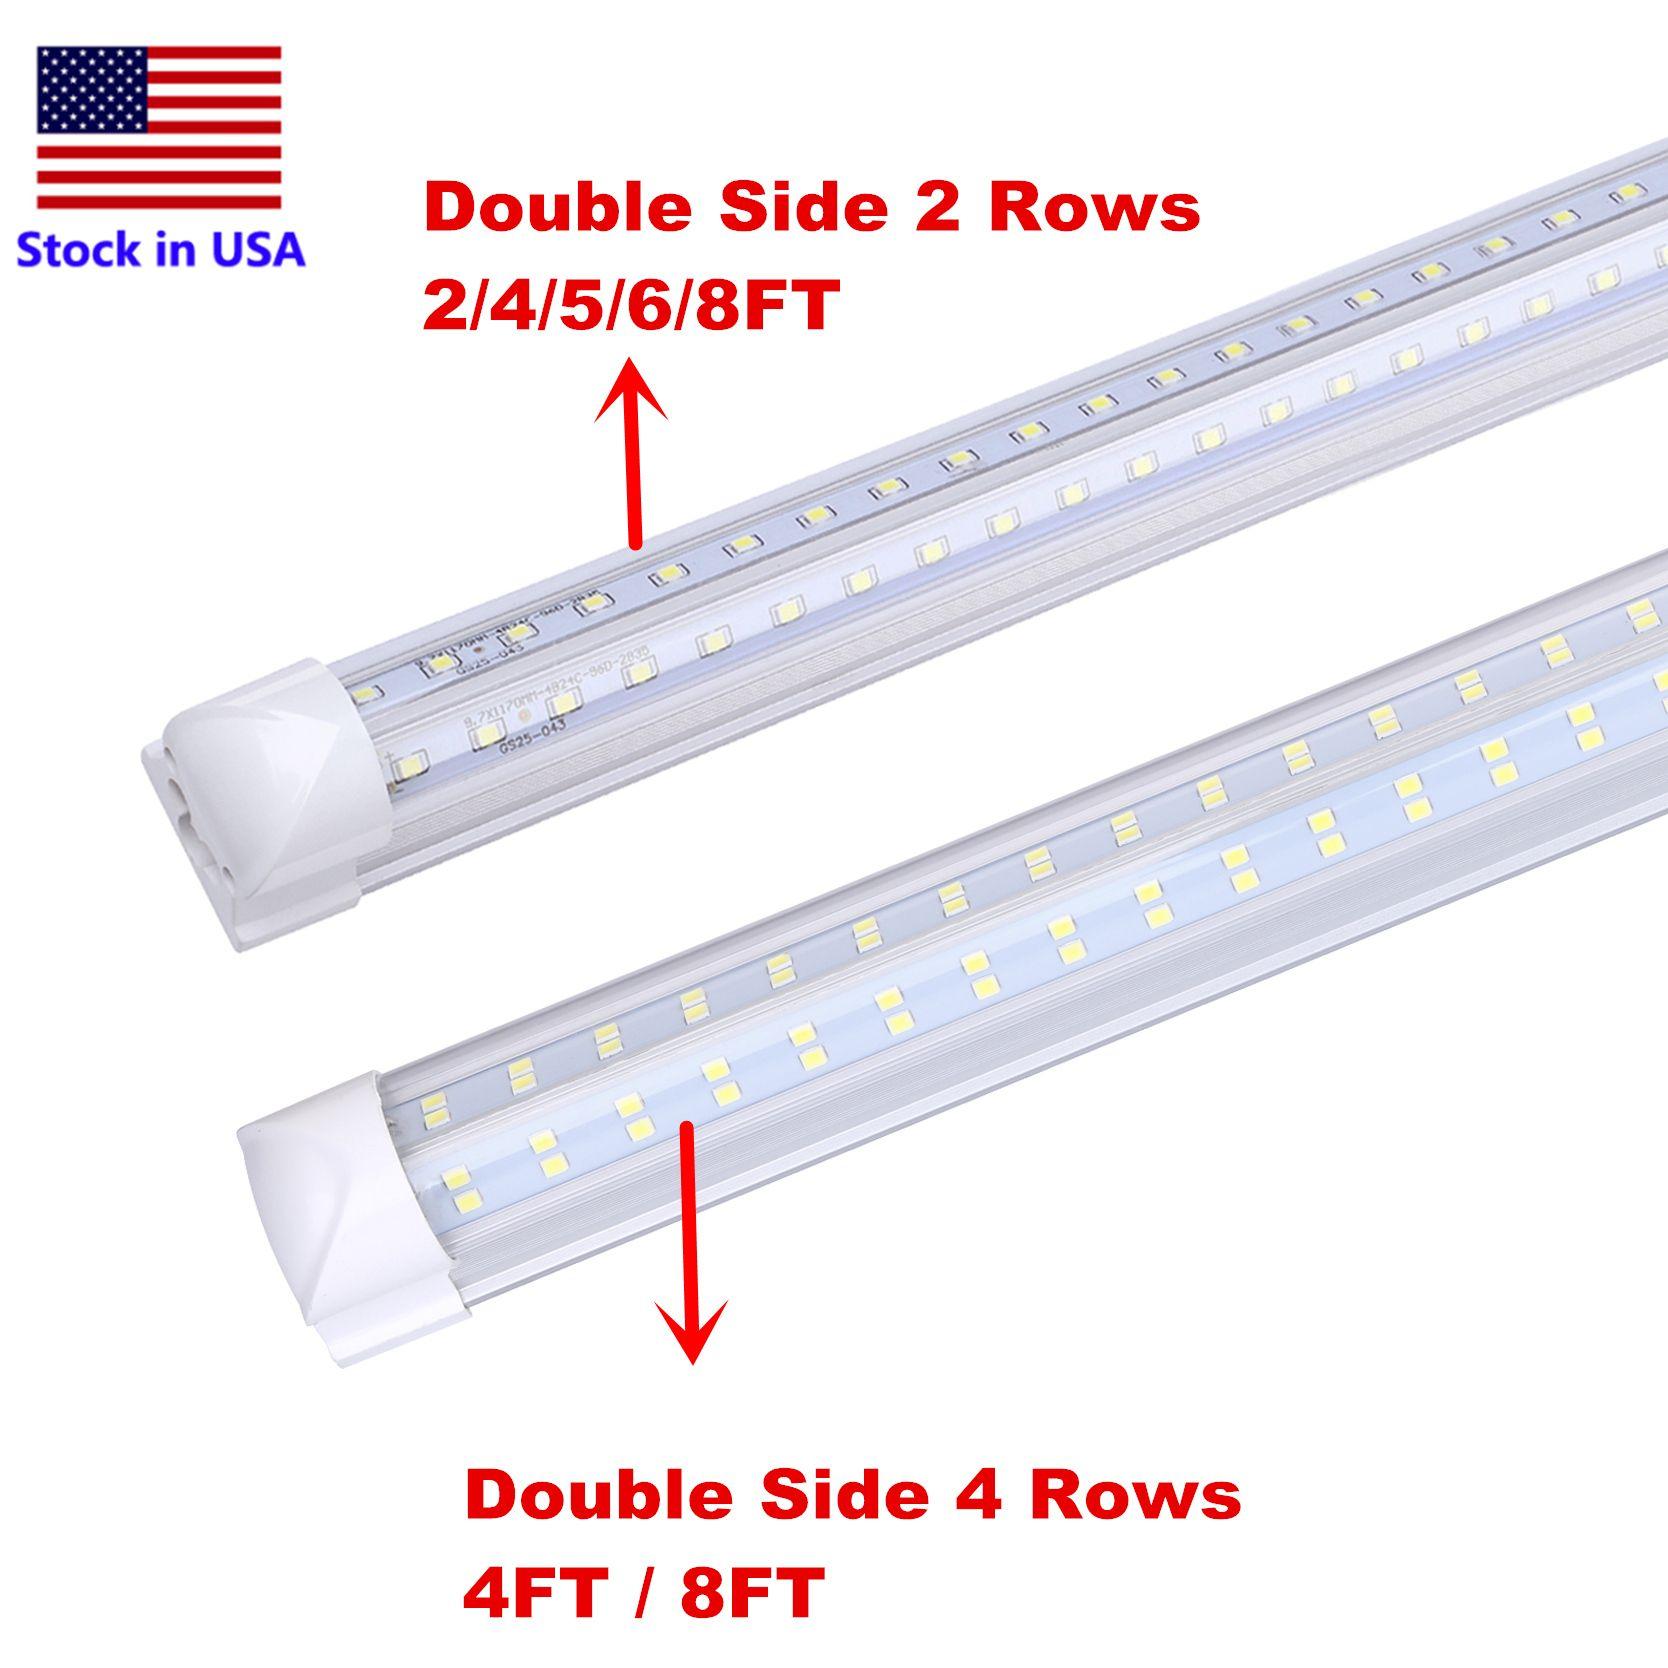 120W LED أنبوب ضوء 2ft 4ft 8ft الخامس شكل متكامل LED T8 أنبوب الضوء v شكل مزدوج الجانب 4 صفوف أدى أنابيب الضوء AC85-277V